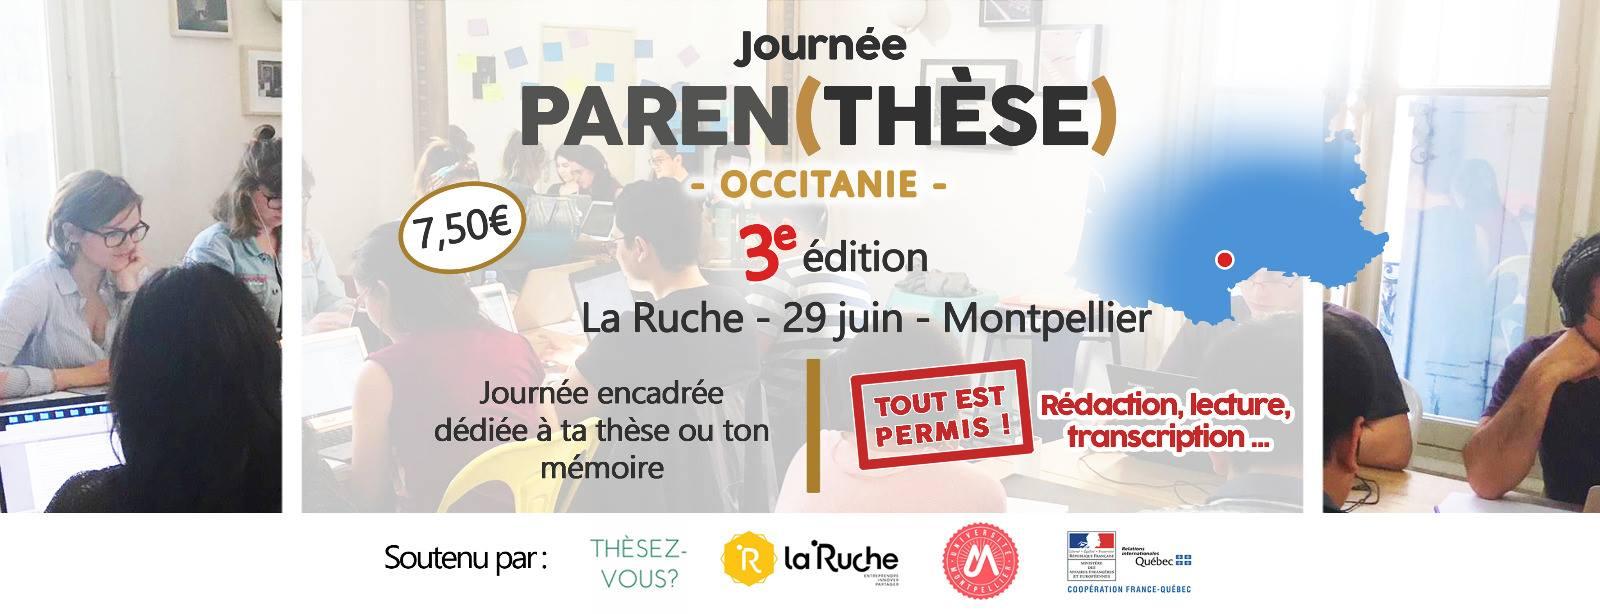 3e journée de rédaction la Paren(Thèse) Occitanie